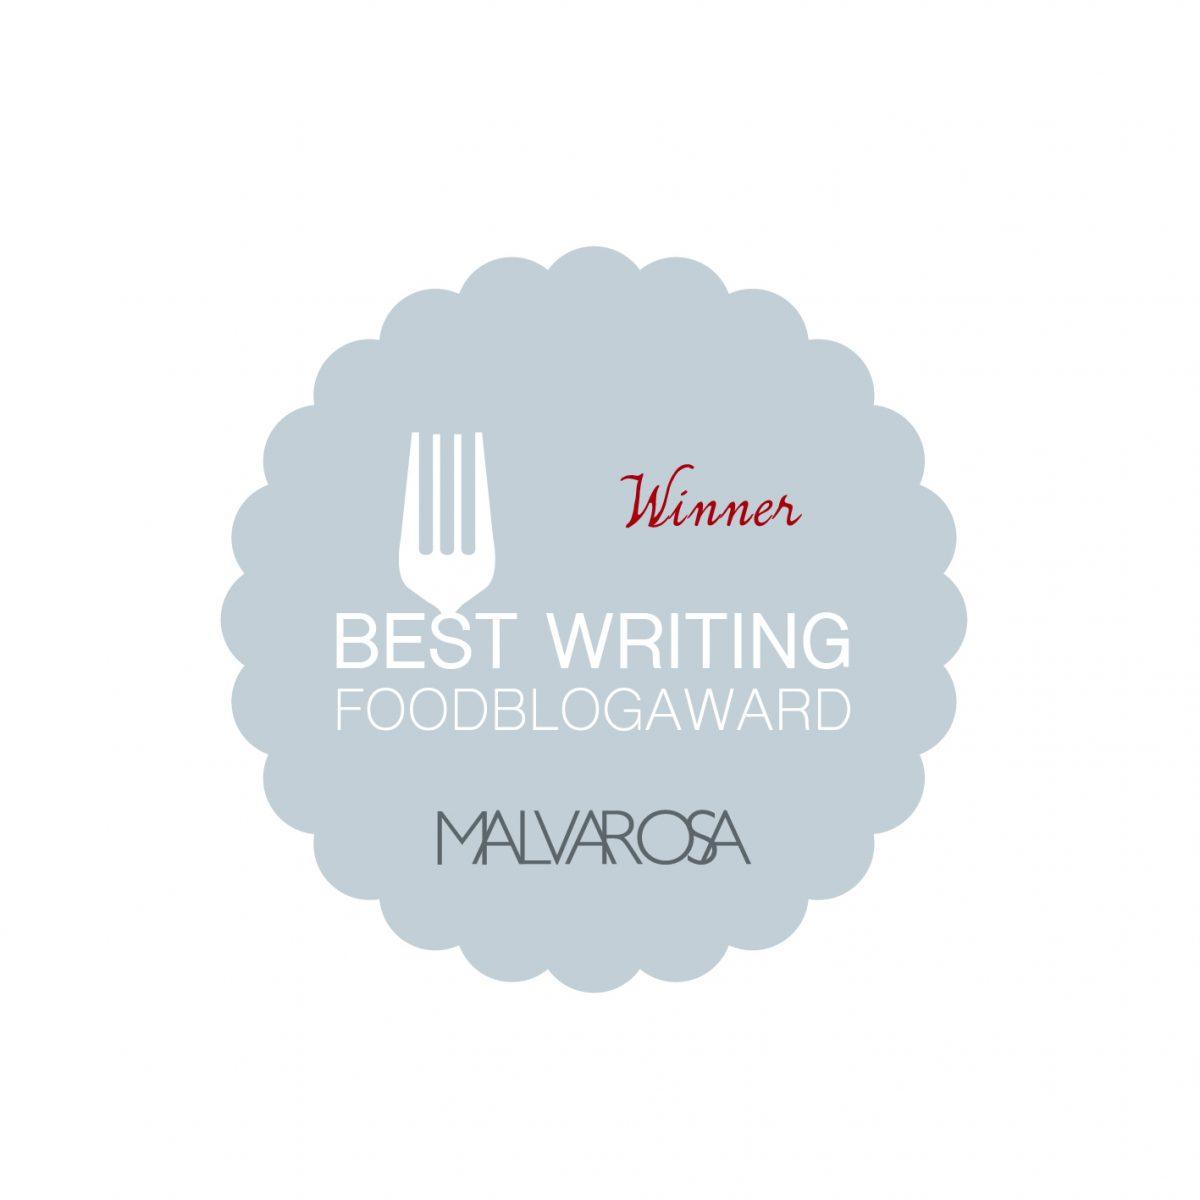 Malvarosa Best Writing